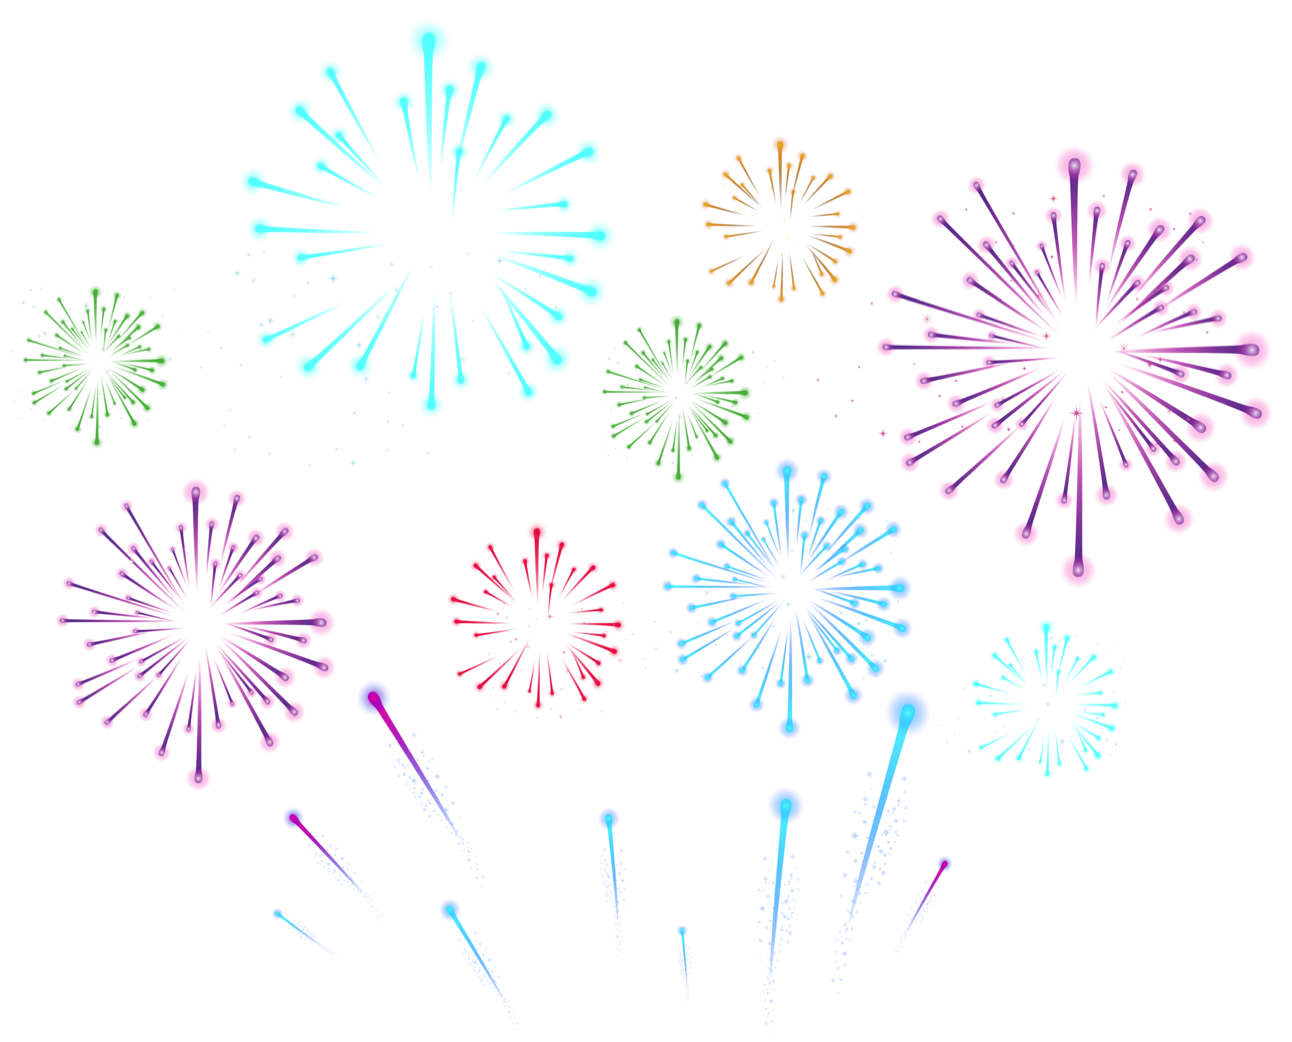 Fireworks clip art paper. Firework clipart firworks